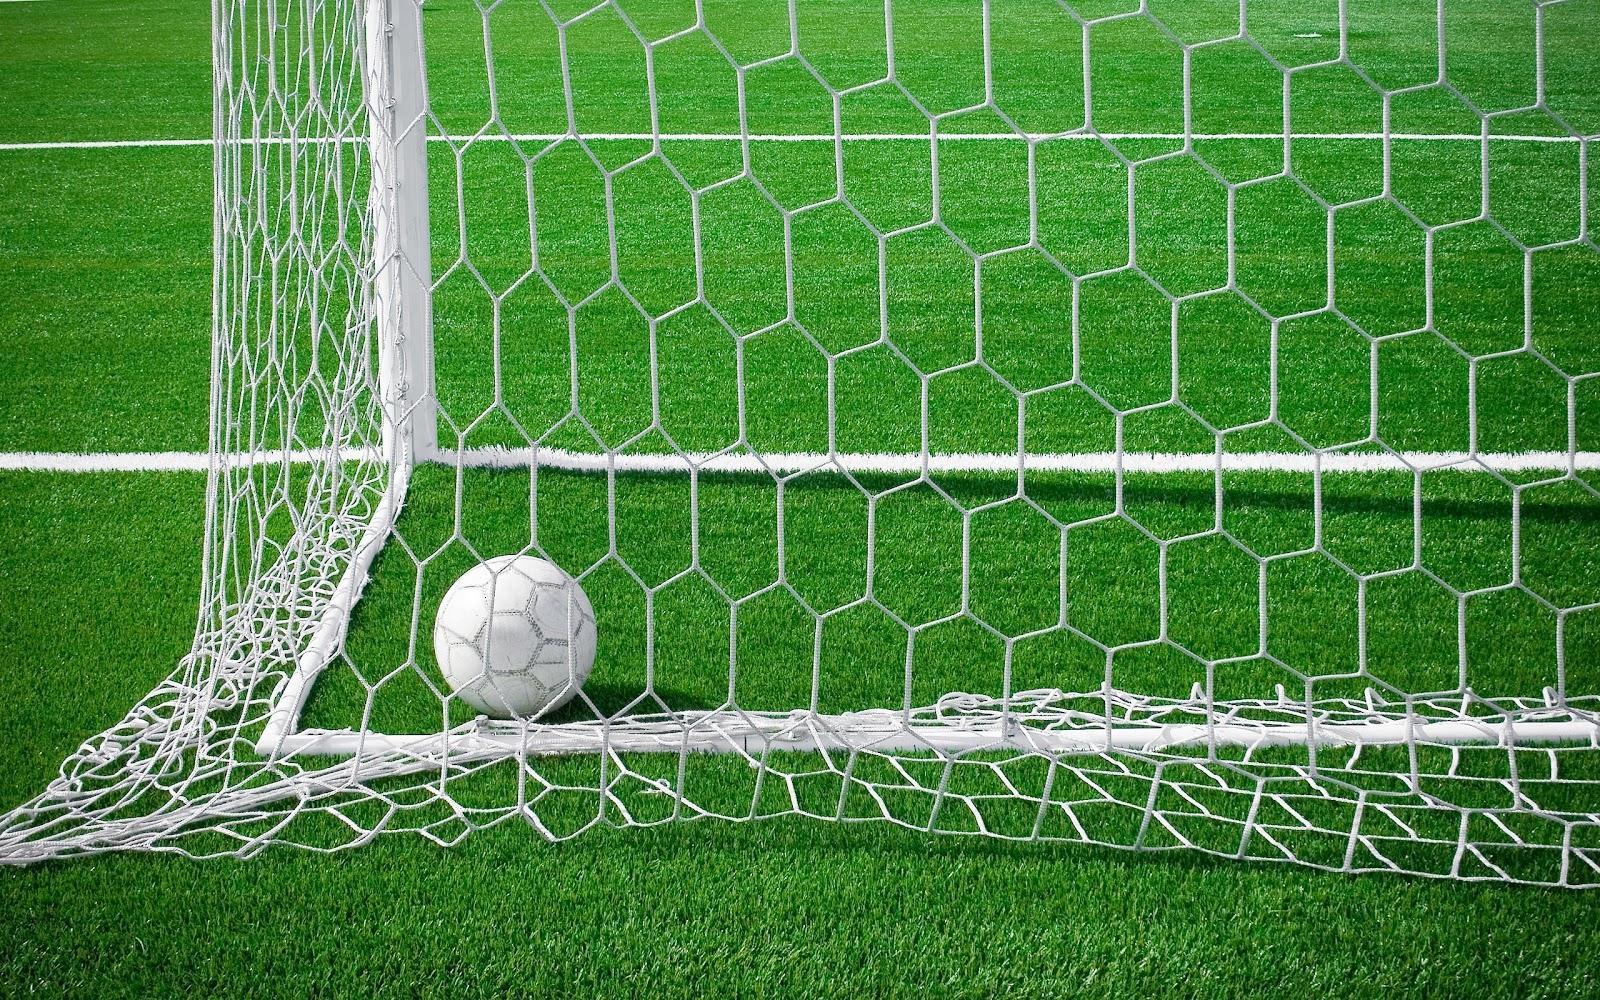 FC Nanosoft tổ chức trận giao hữu bóng đá với FC Bệnh viện 354